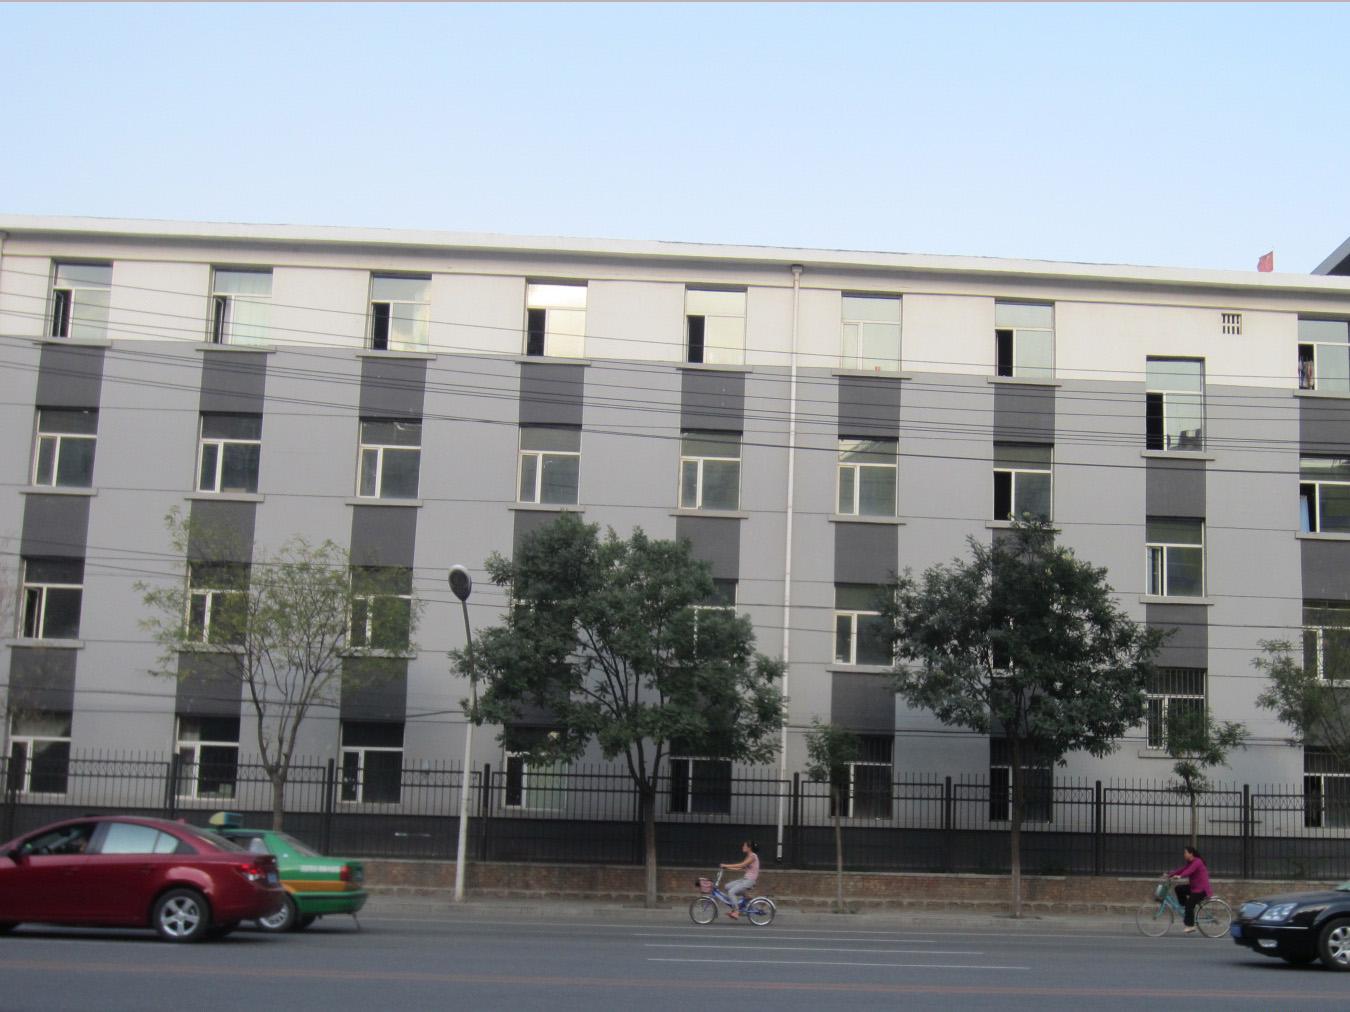 齐鲁工业大学六人间宿舍_请问内蒙古工业大学校本部的西区八号宿舍楼怎么样,是老楼吗 ...